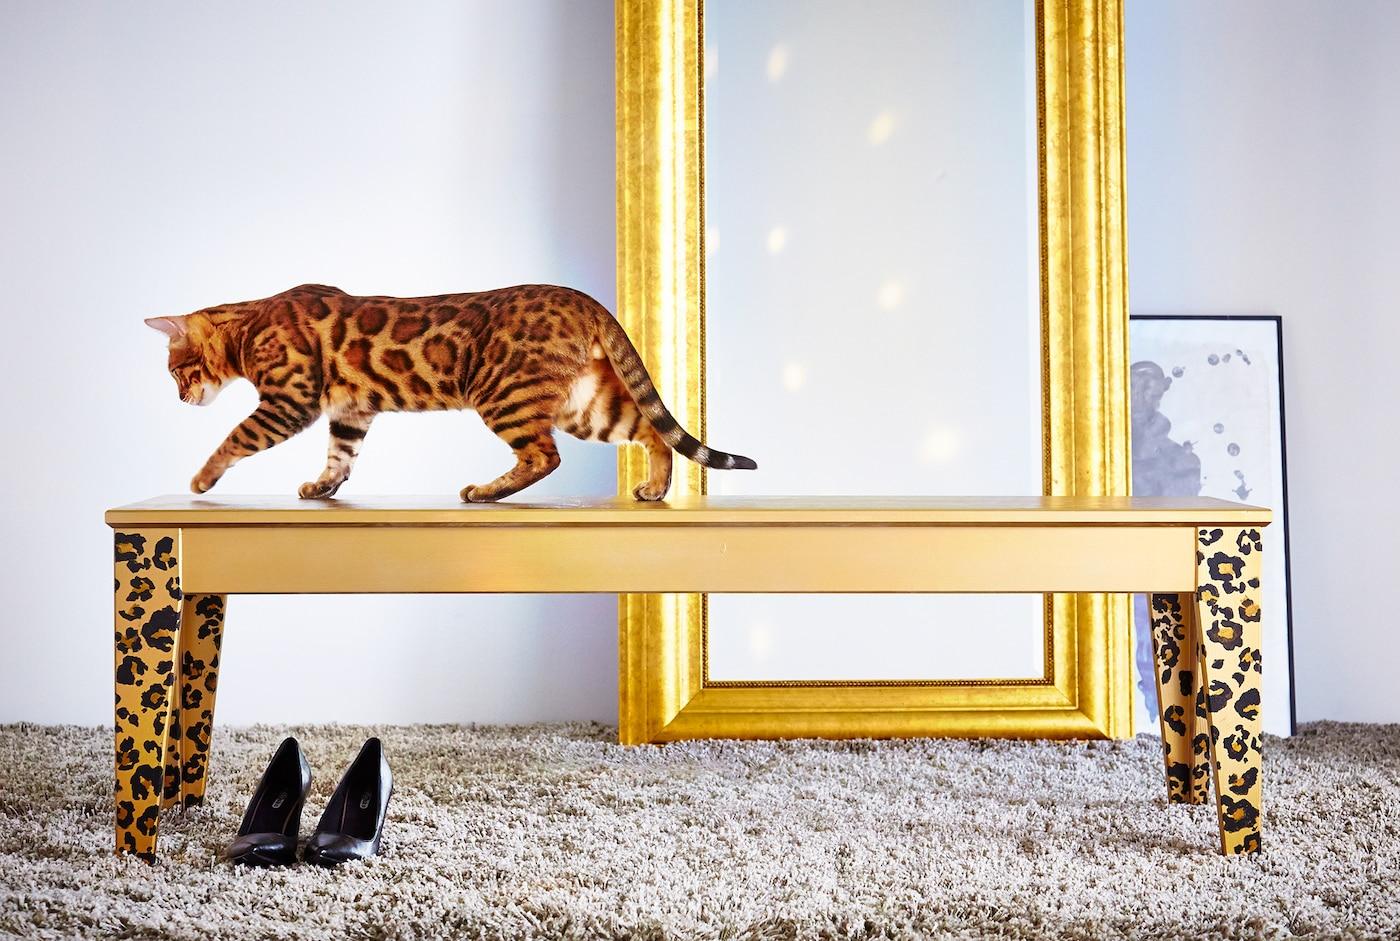 Eine Katze läuft auf einer gold lackierten NORNÄS Bank, im Hintergrund steht ein goldener Spiegel.